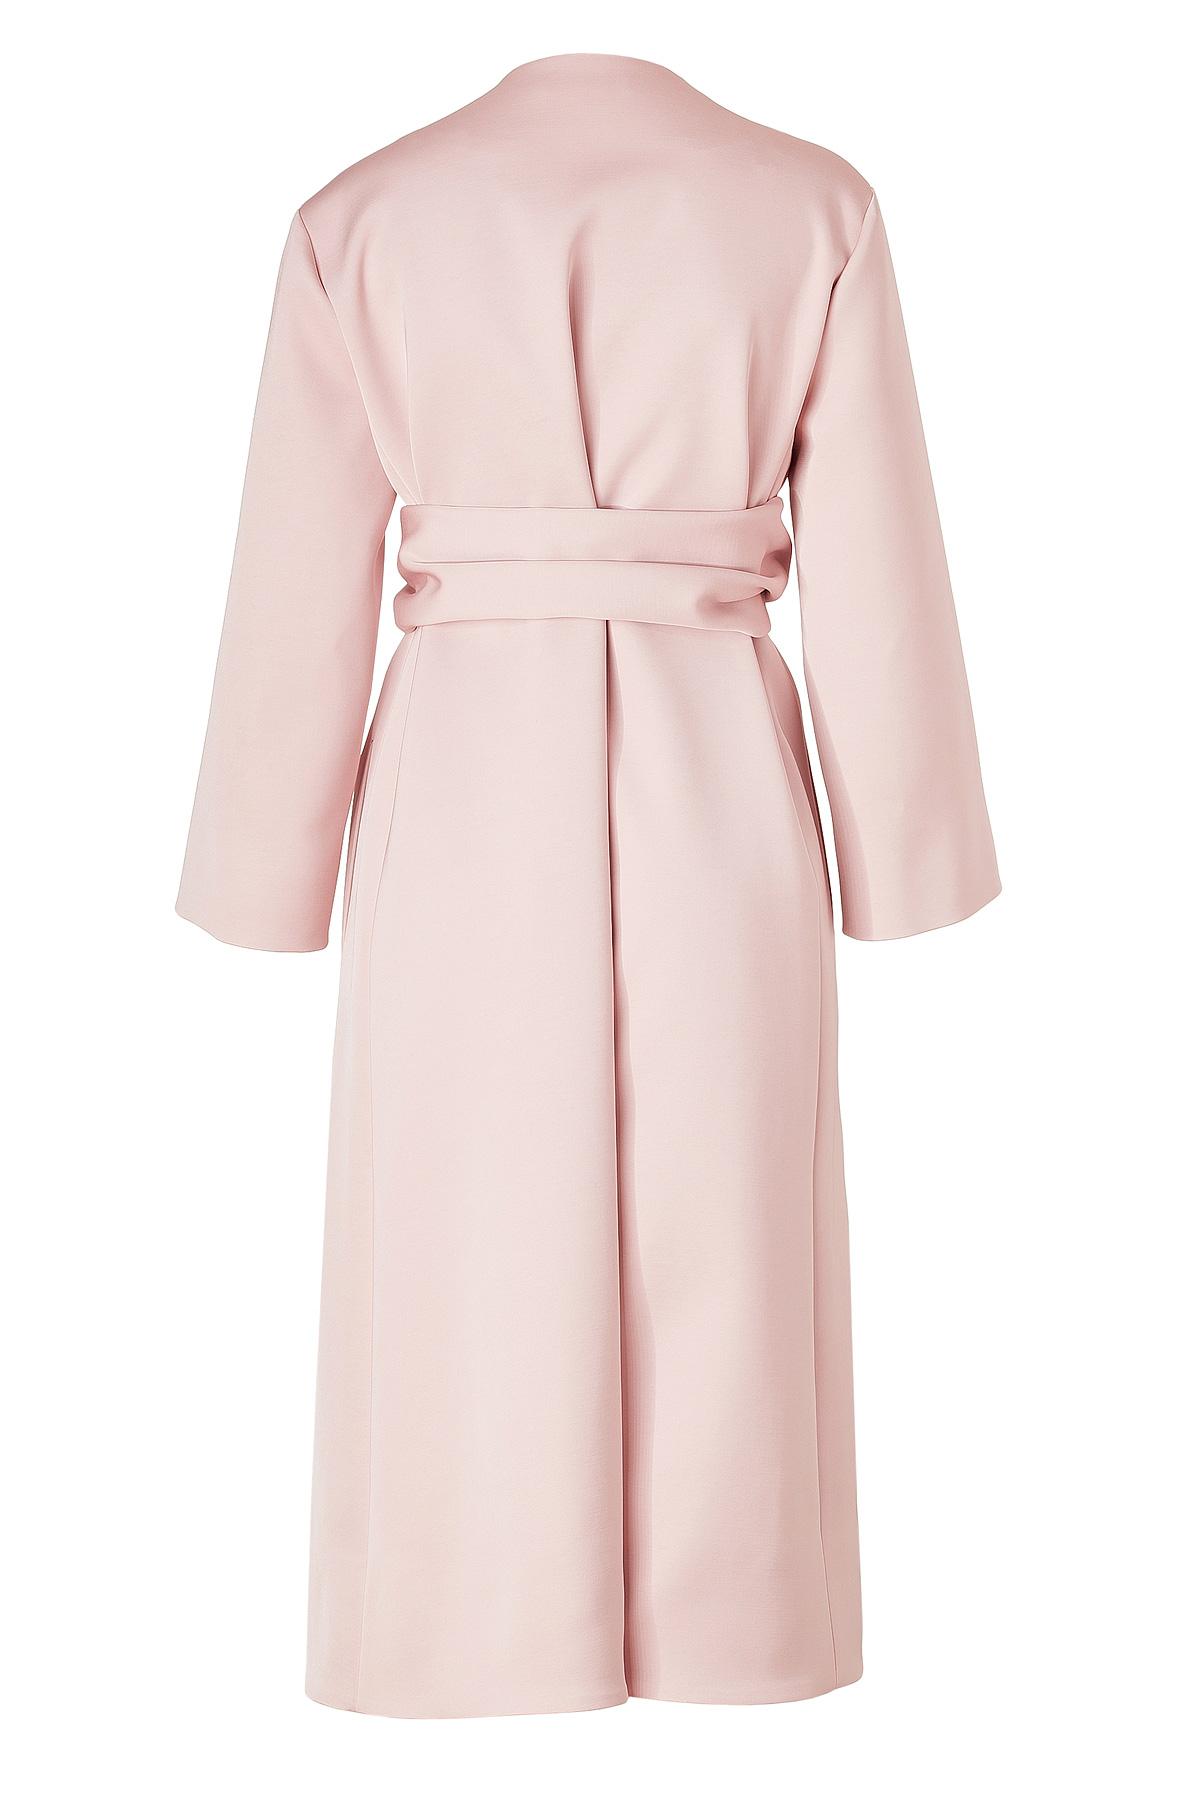 Jil sander Bonbon Pink Belted Coat in Pink | Lyst